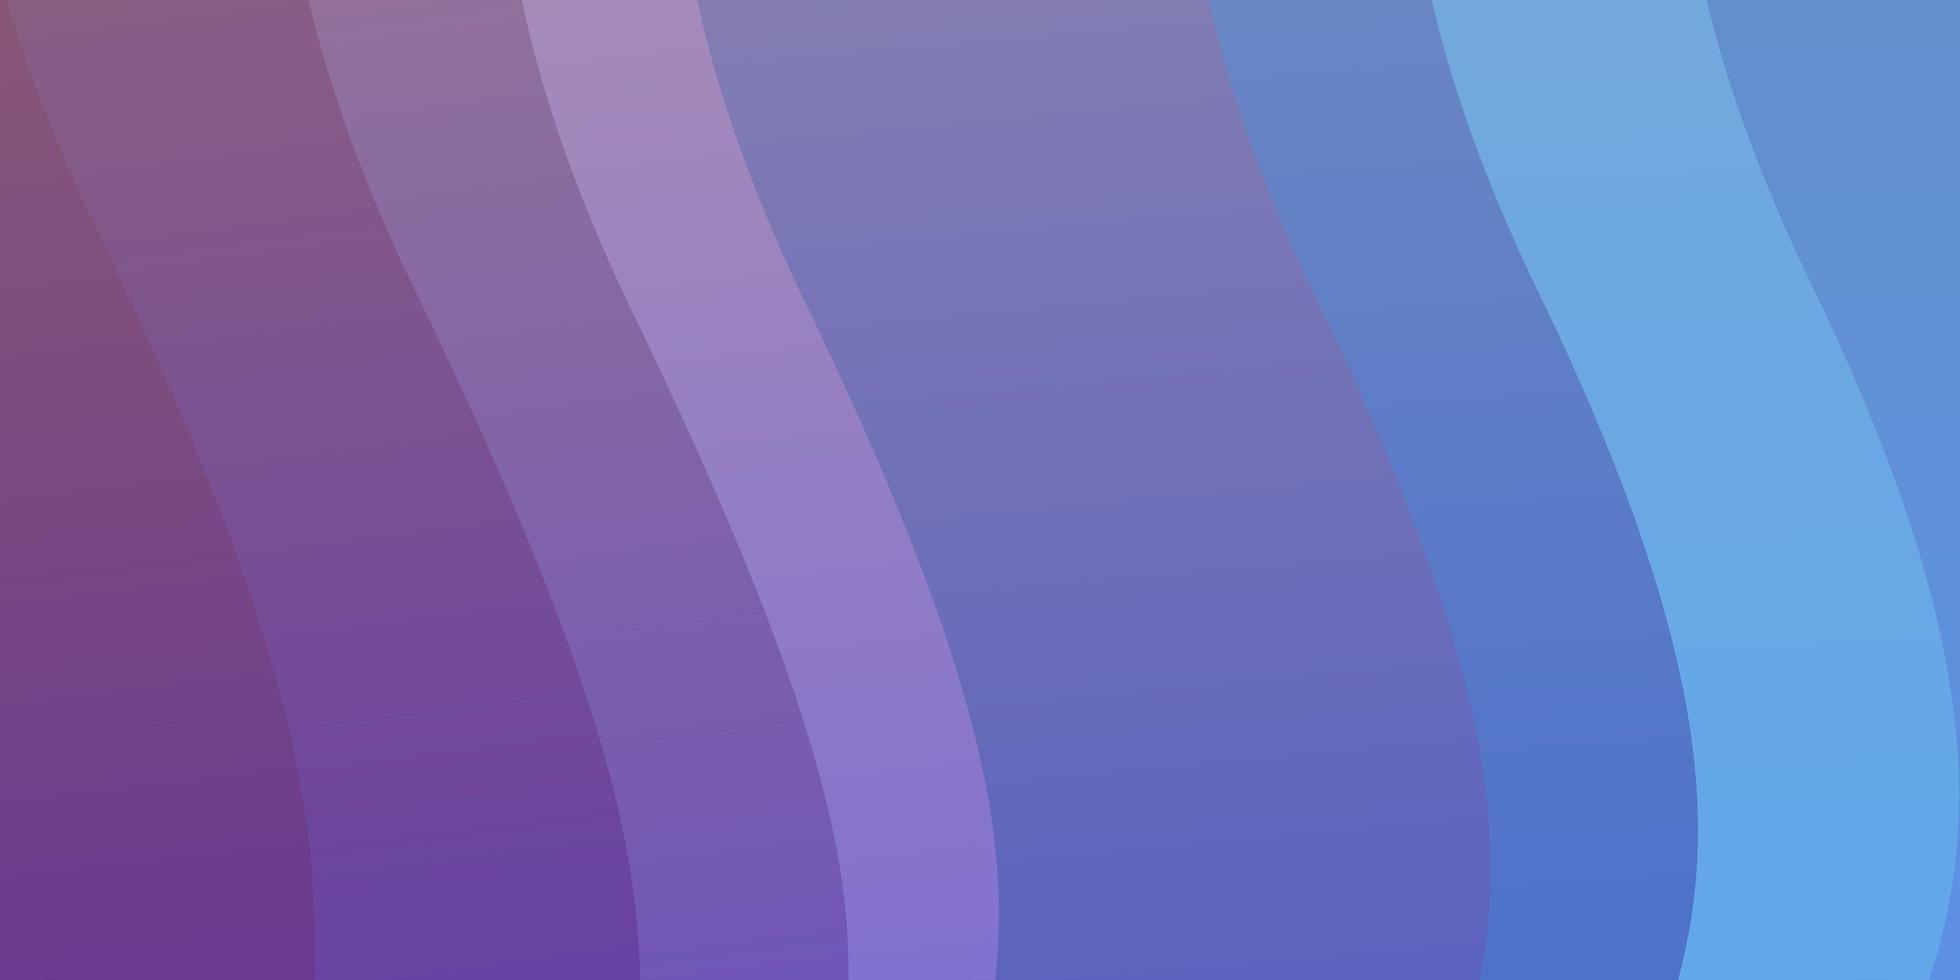 lichtblauwe, rode achtergrond met wrange lijnen. vector